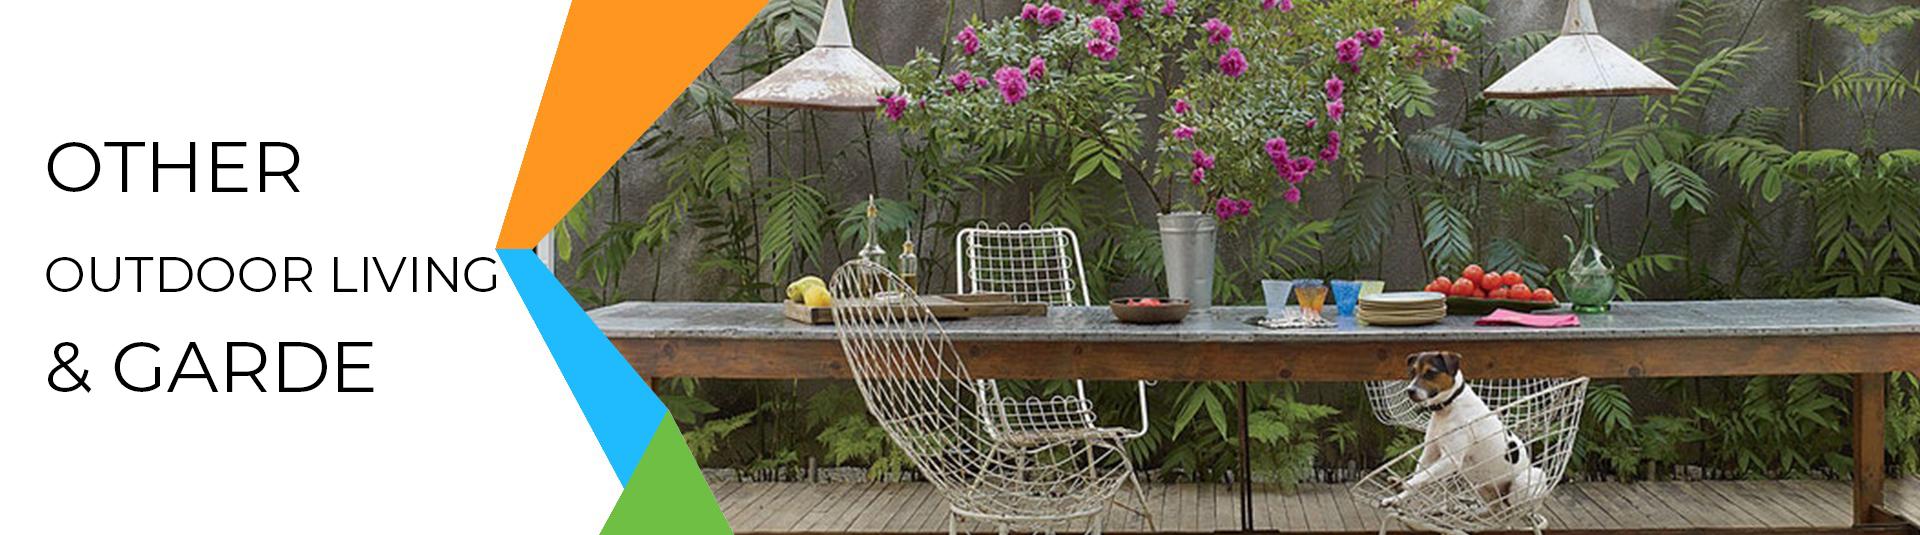 Other Outdoor Living & Garden